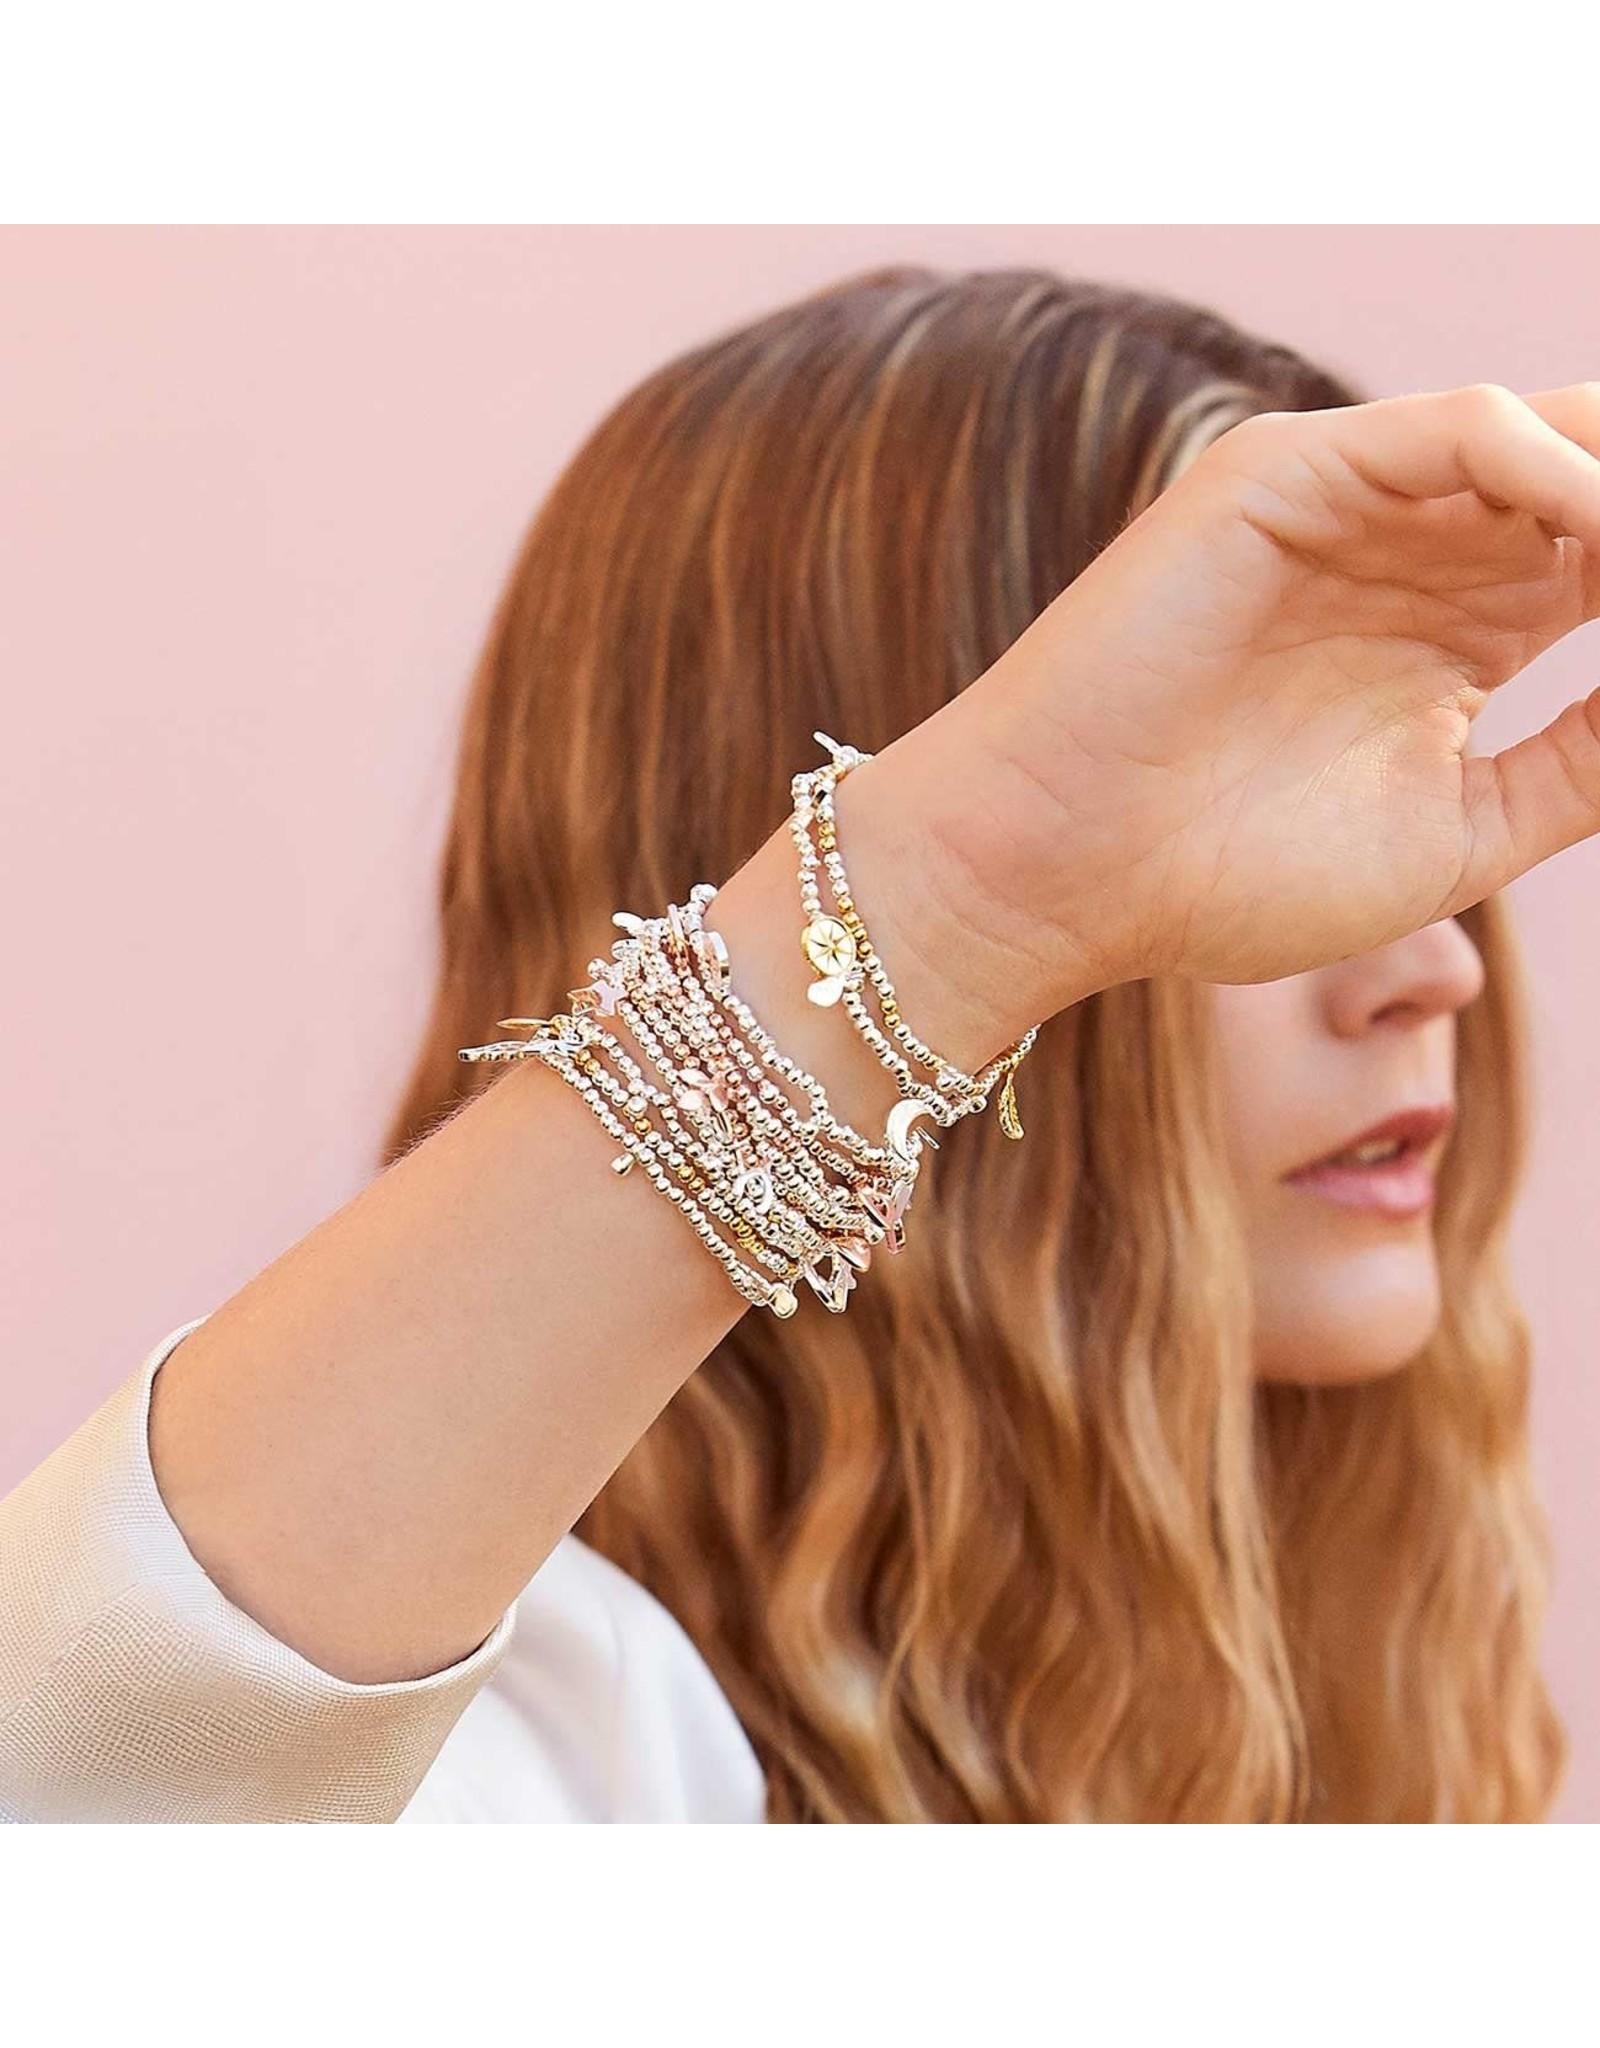 Joma Jewellery Life's a Charm - Sparkle & Shine